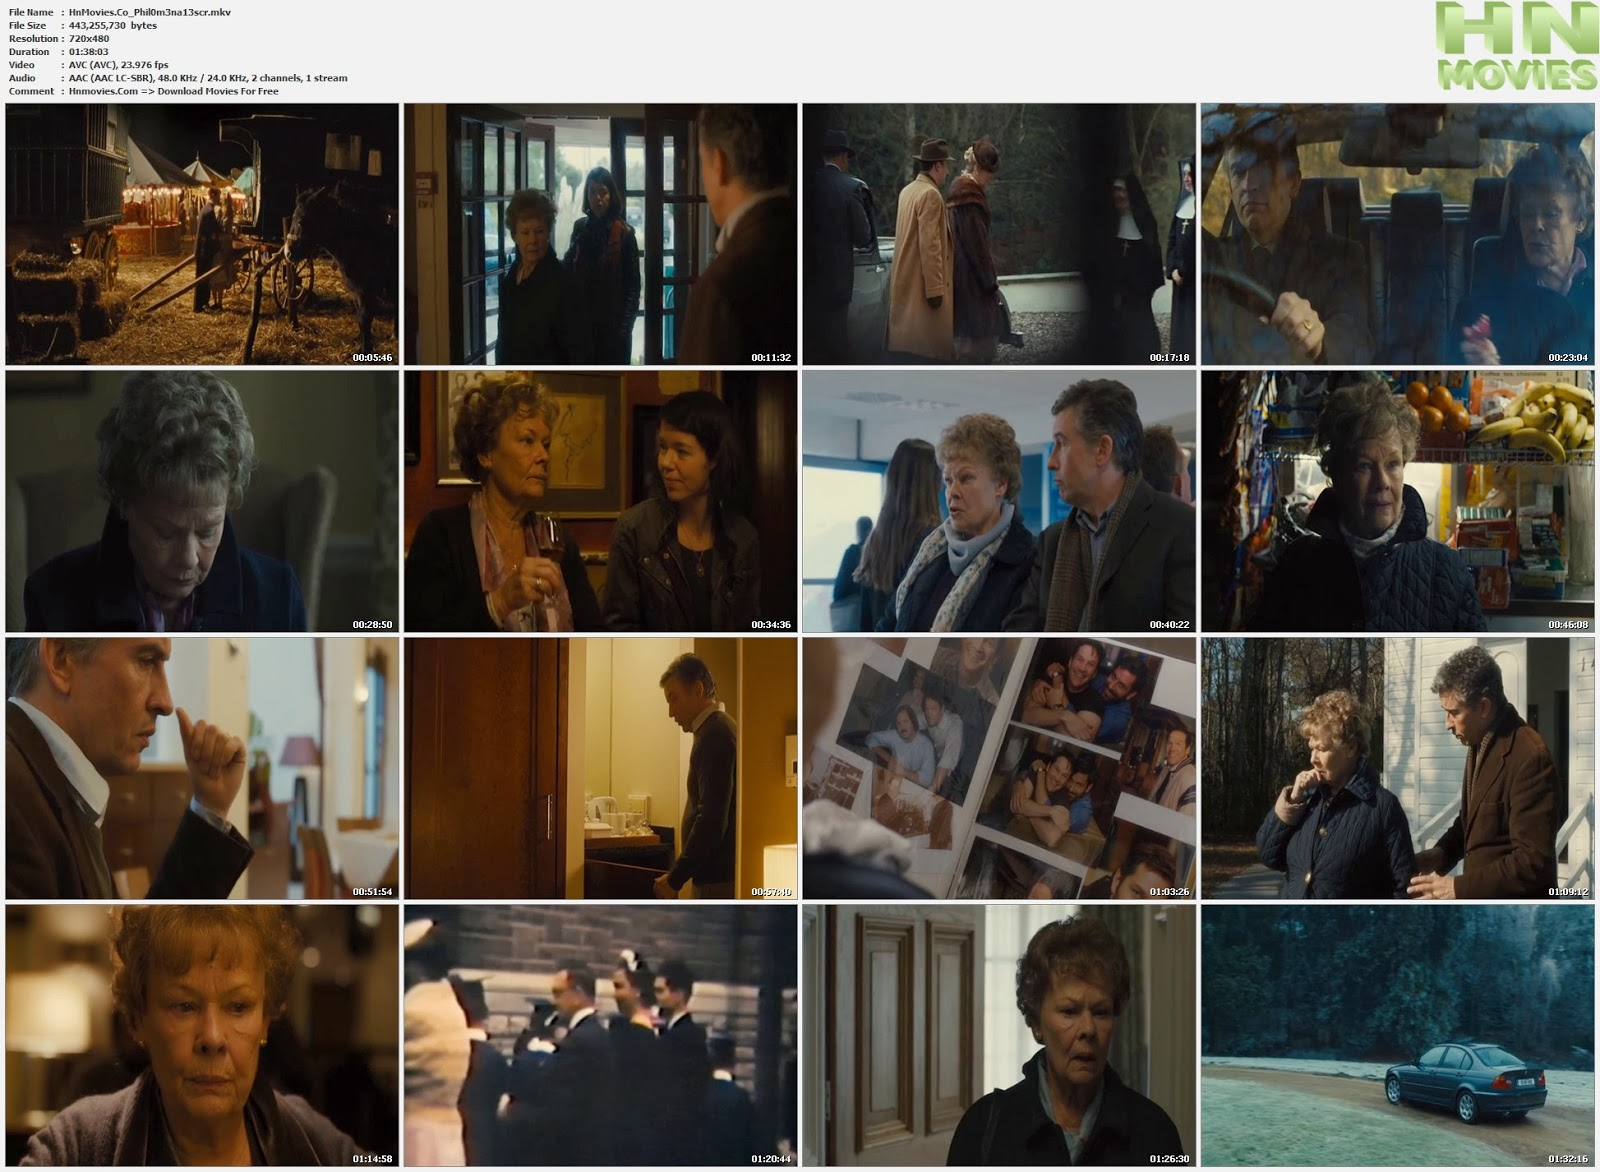 movie screenshot of Philomena fdmovie.com